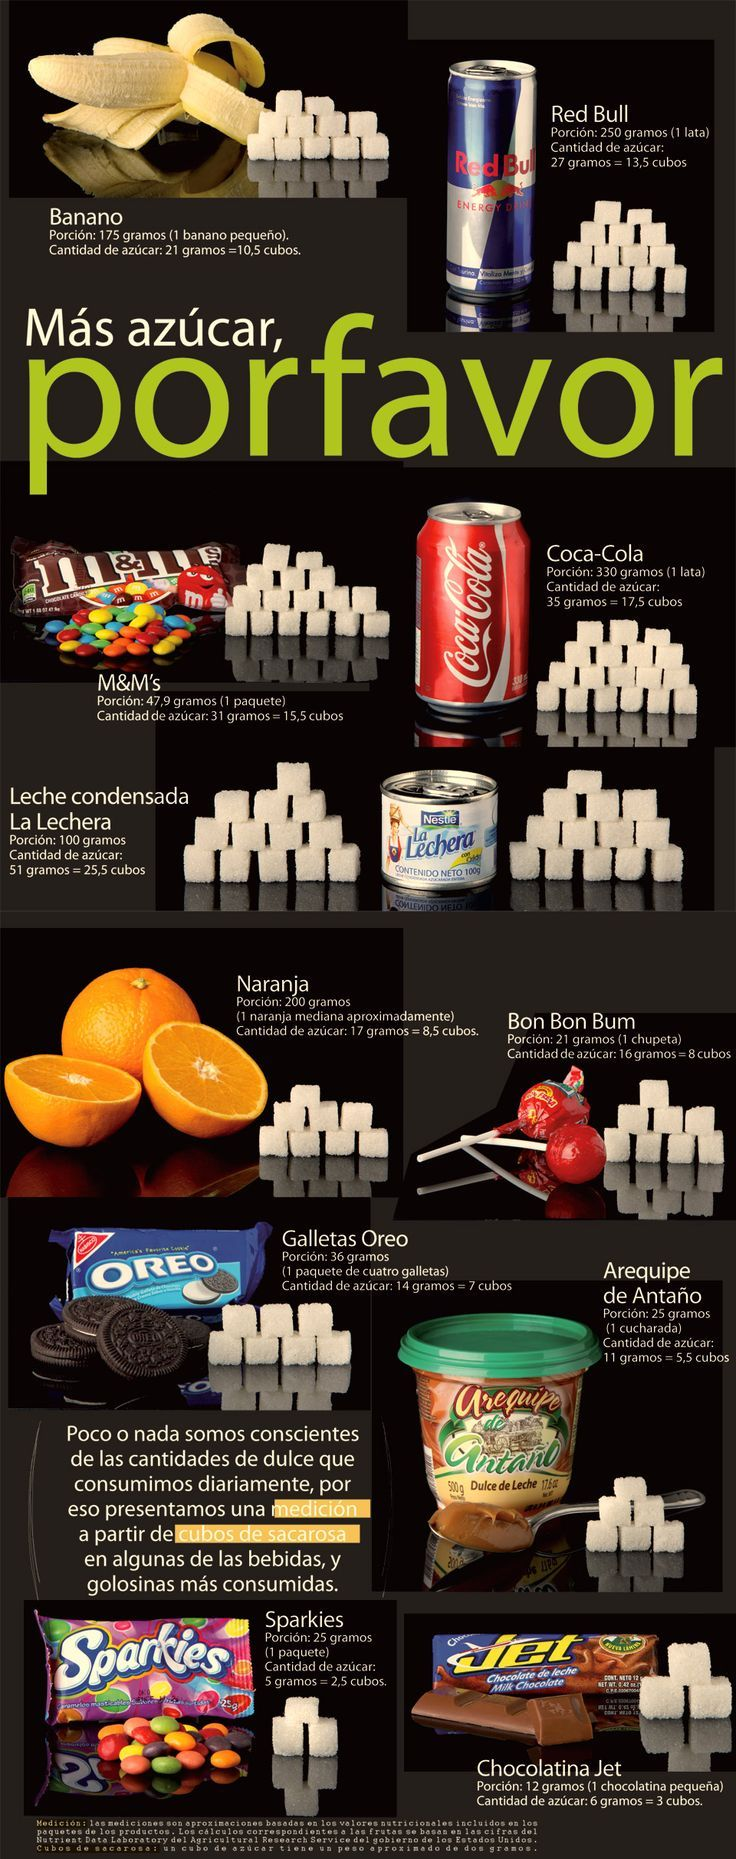 Medición de azúcar comparables en cubitos. Misión: tratar de disminuir el consumo de azúcar para evitar efectos negativos para tu salud. #UMayor #estudiantes #sano #saludable